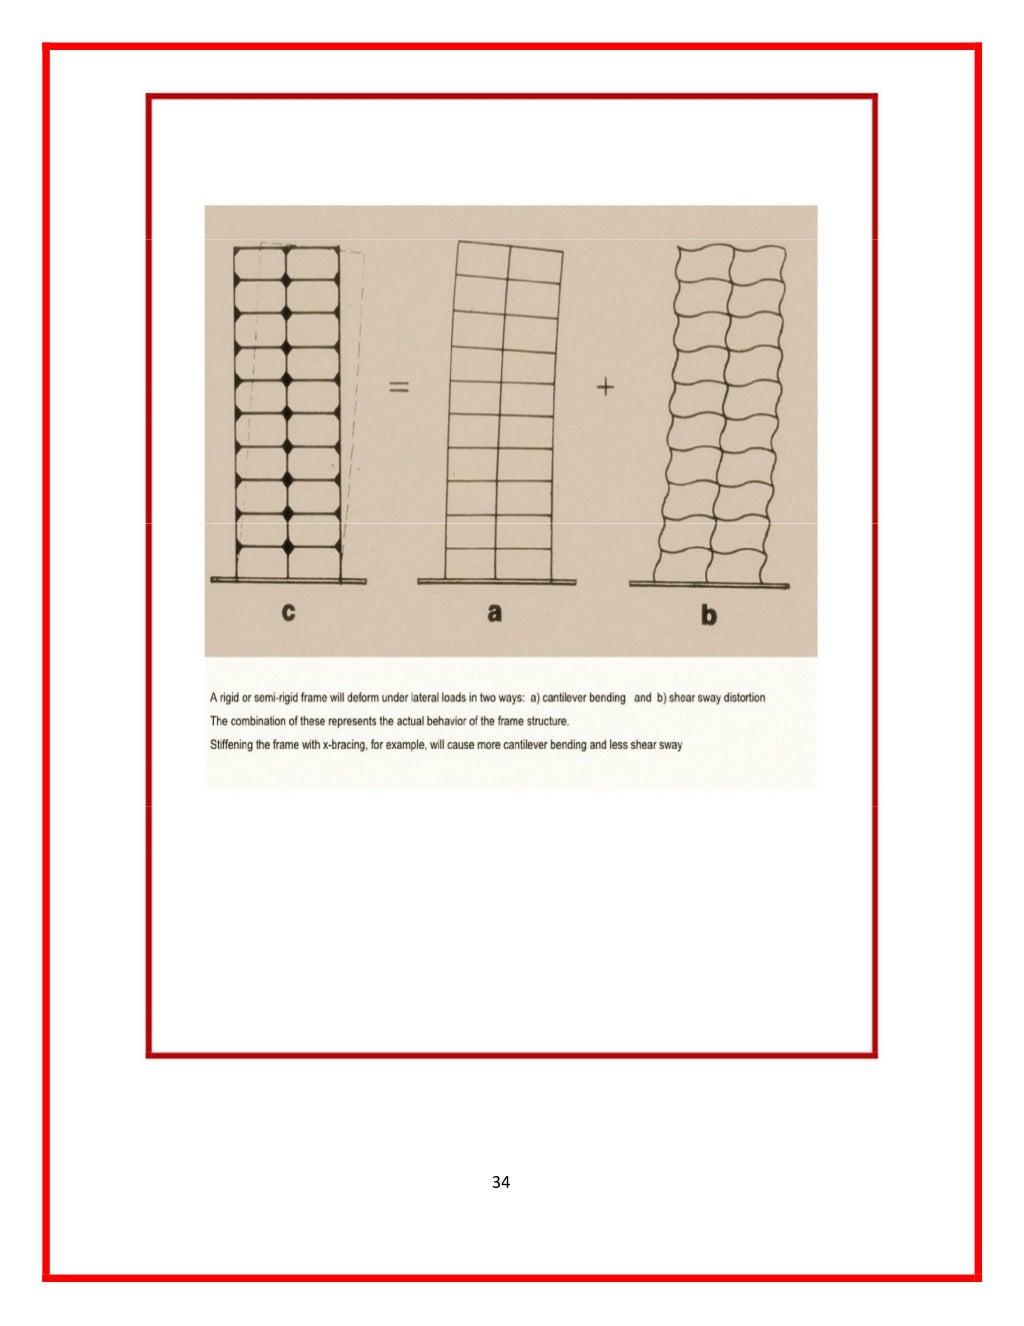 manual-designed-for-seismic-resistance-frames-moment-portals-method-34-1024.jpg